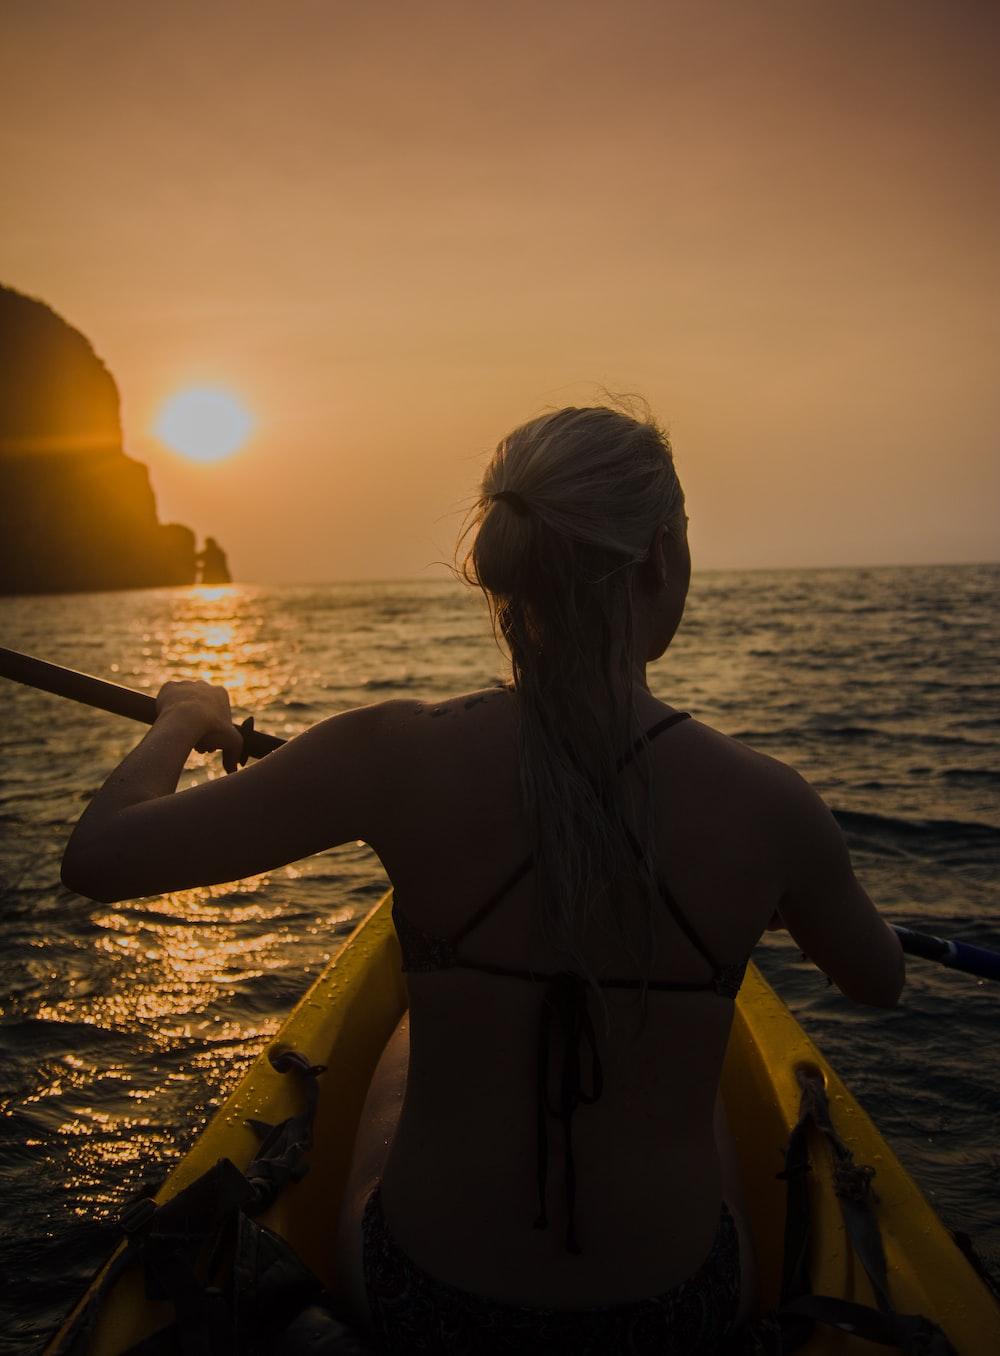 woman kayaking facing sunset